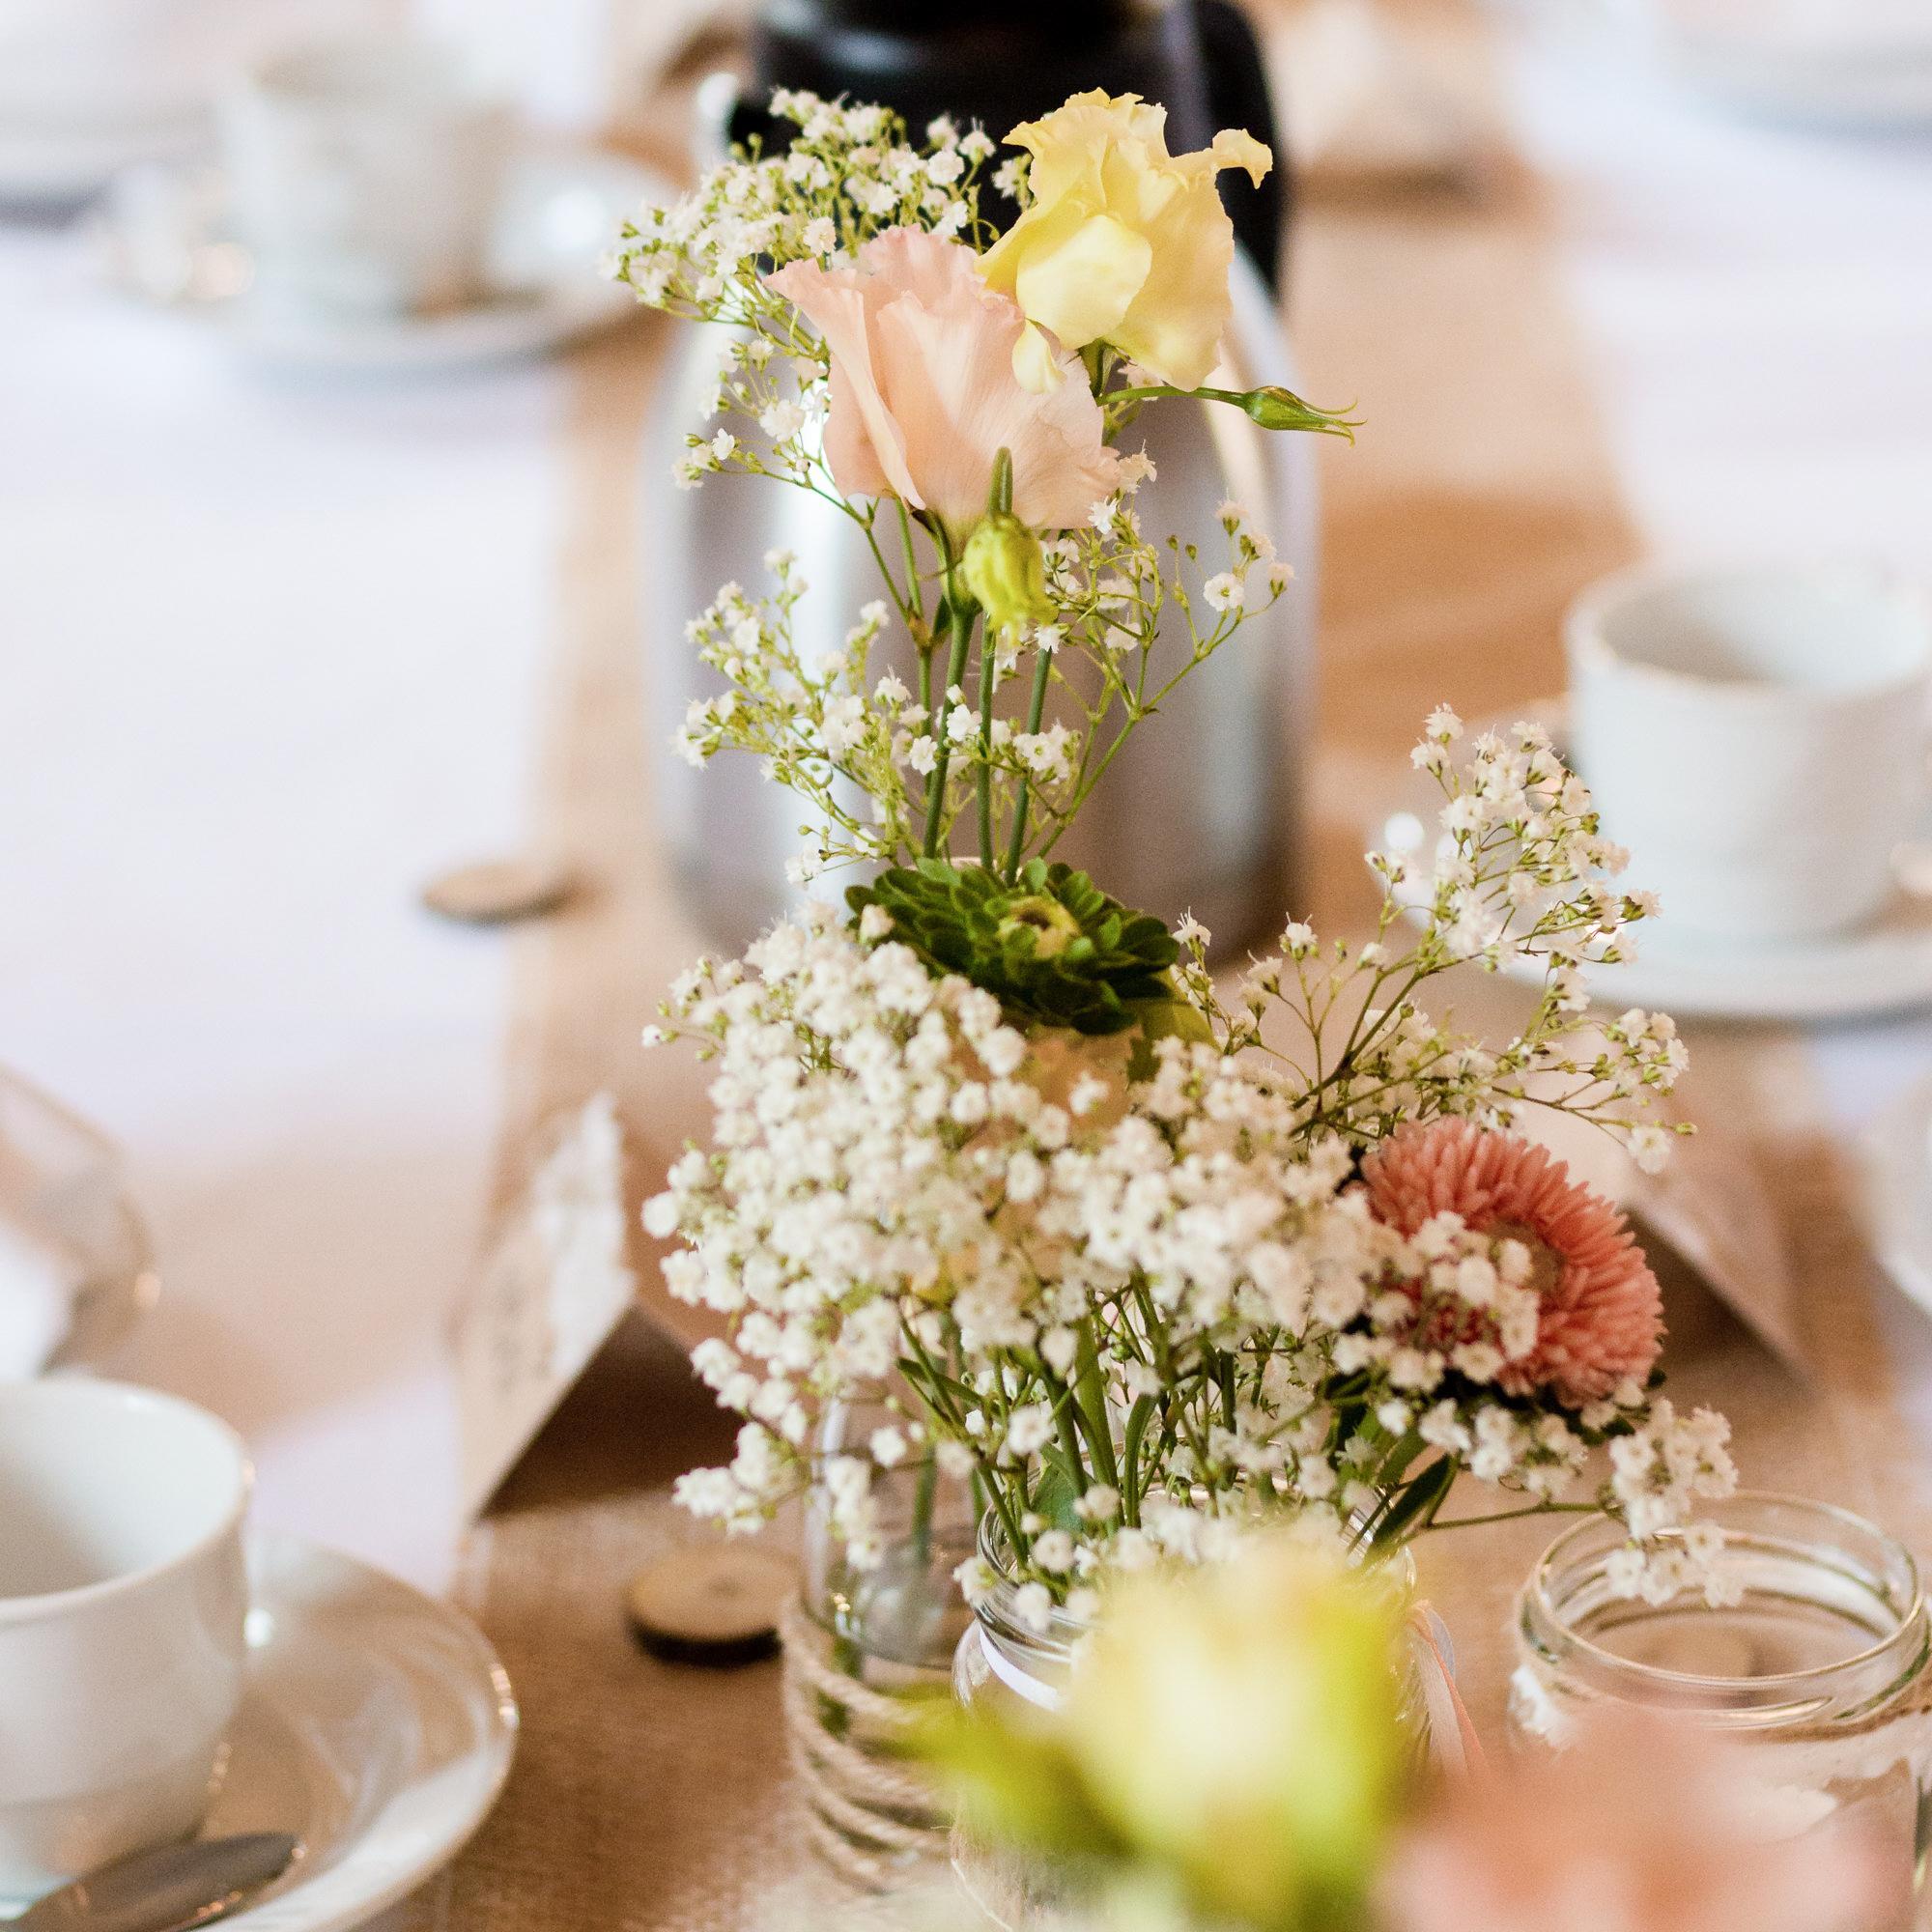 Tischdekoration für eine Sommerhochzeit im Landhaus-/Vintage-Stil, wilde Blumendeko mit Schleierkraut und apricotfarbenen sowie pastellgelben Blüten